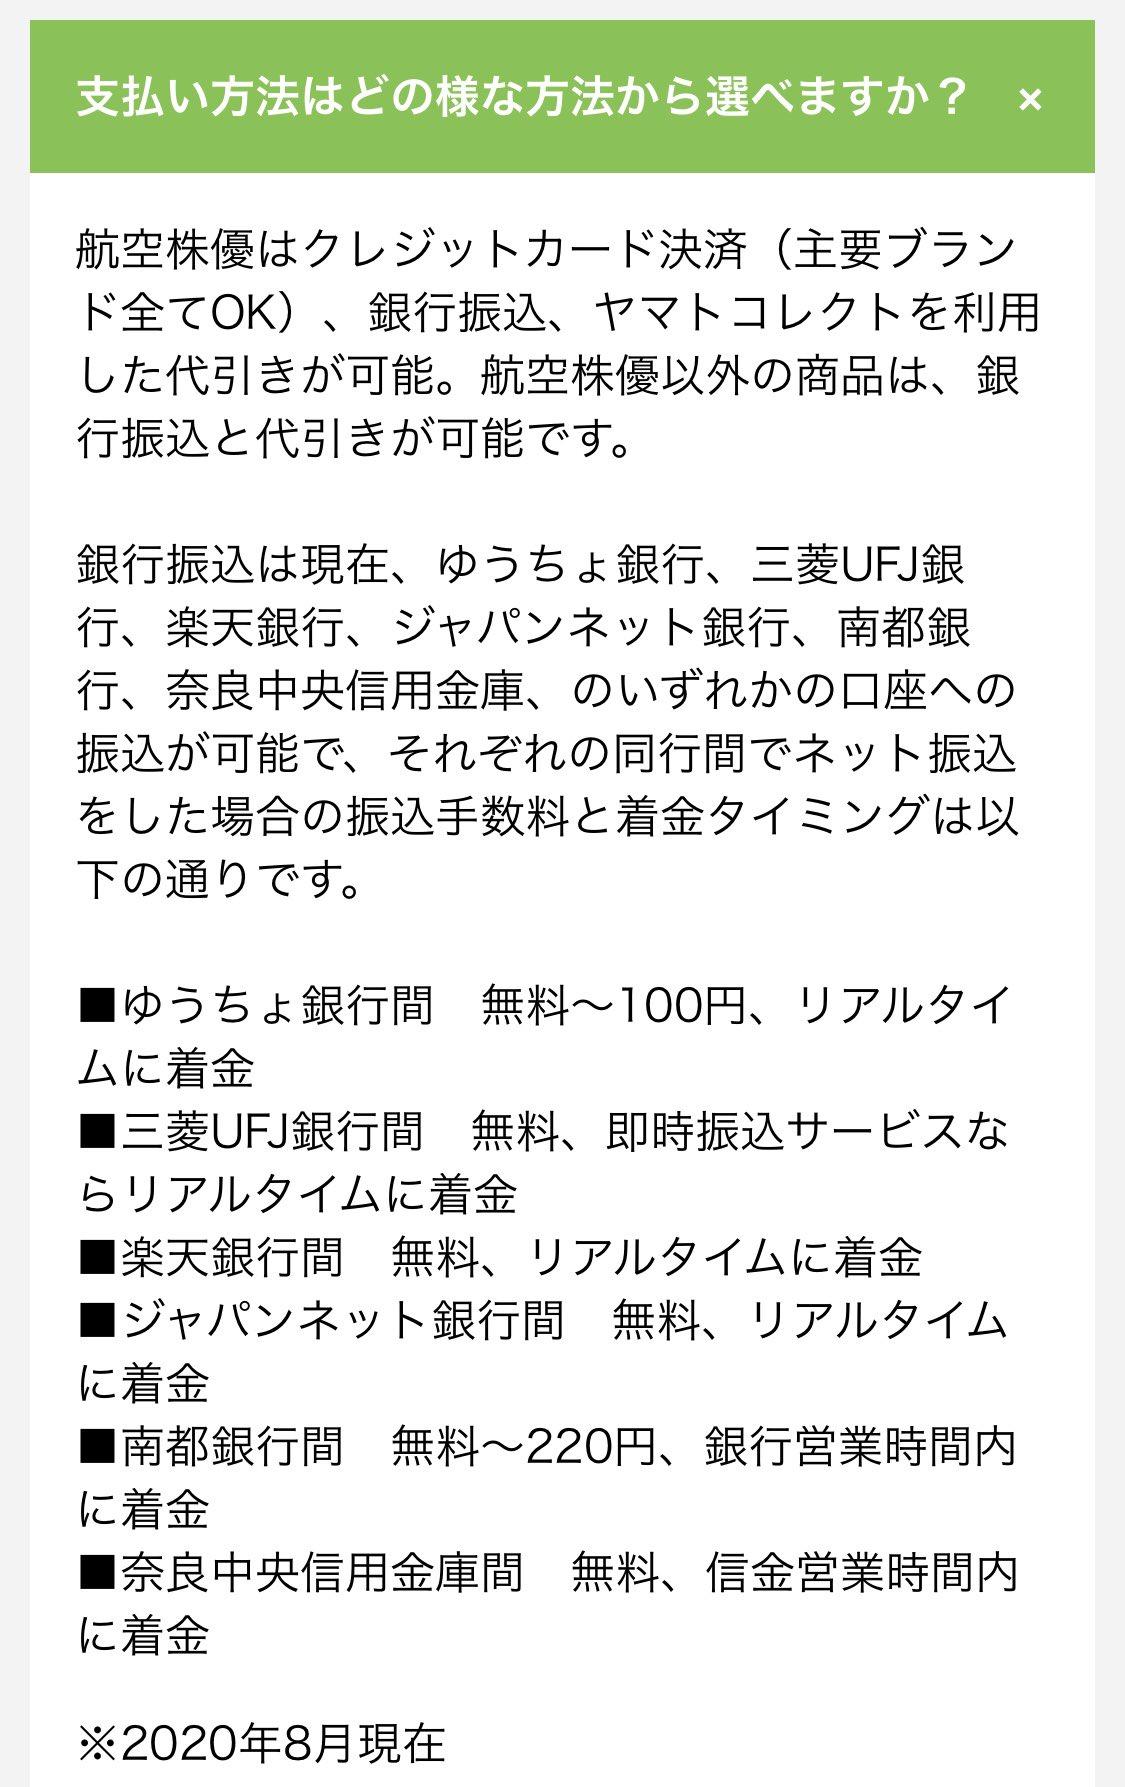 から 振込 ネット 銀行 銀行 ジャパン 手数料 ゆうちょ